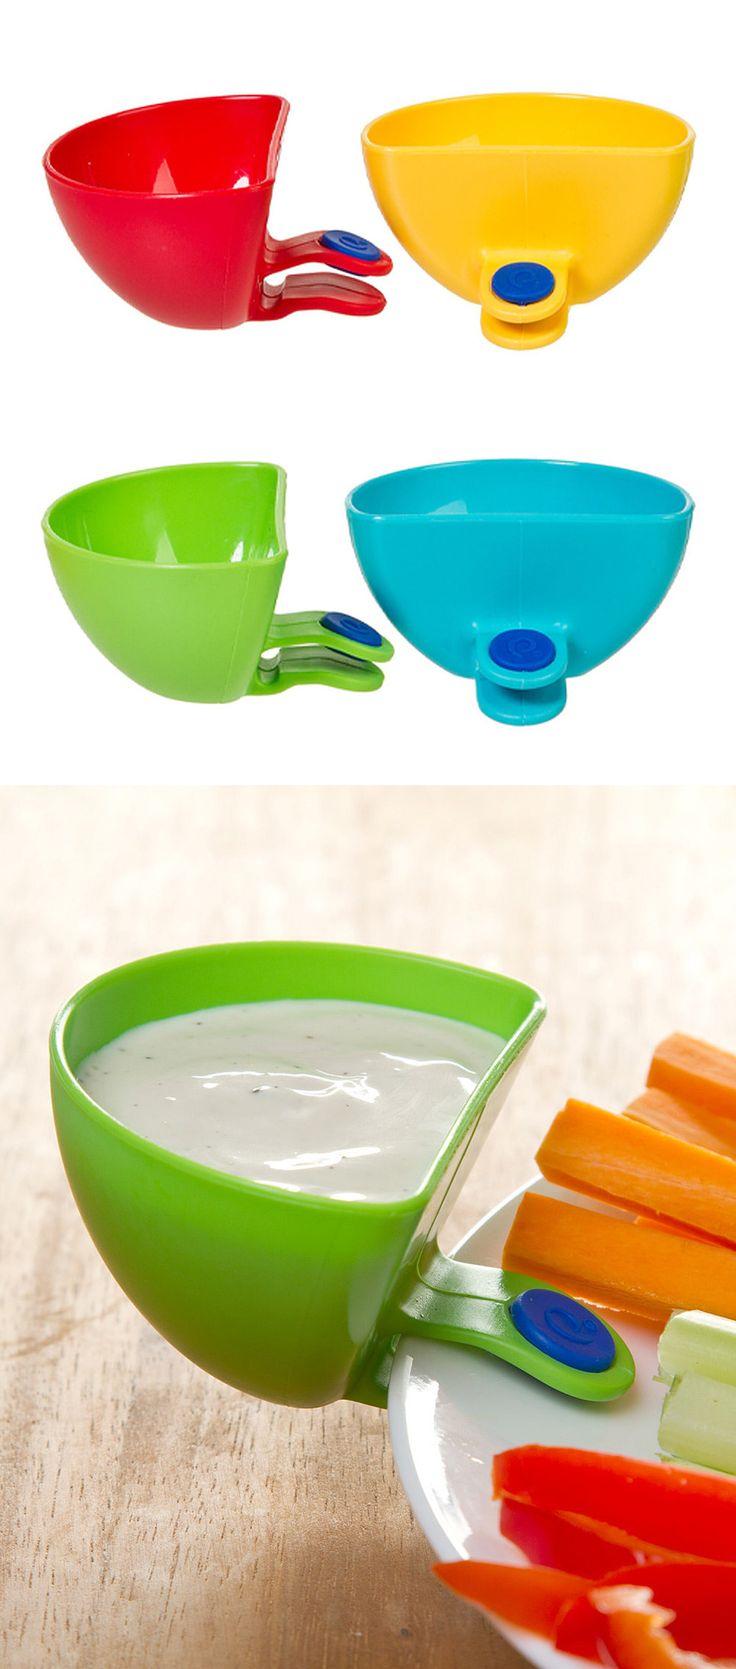 recipiente que se prende ao prato, pode-se por exemplo colar lá o molho para comer com a refeição